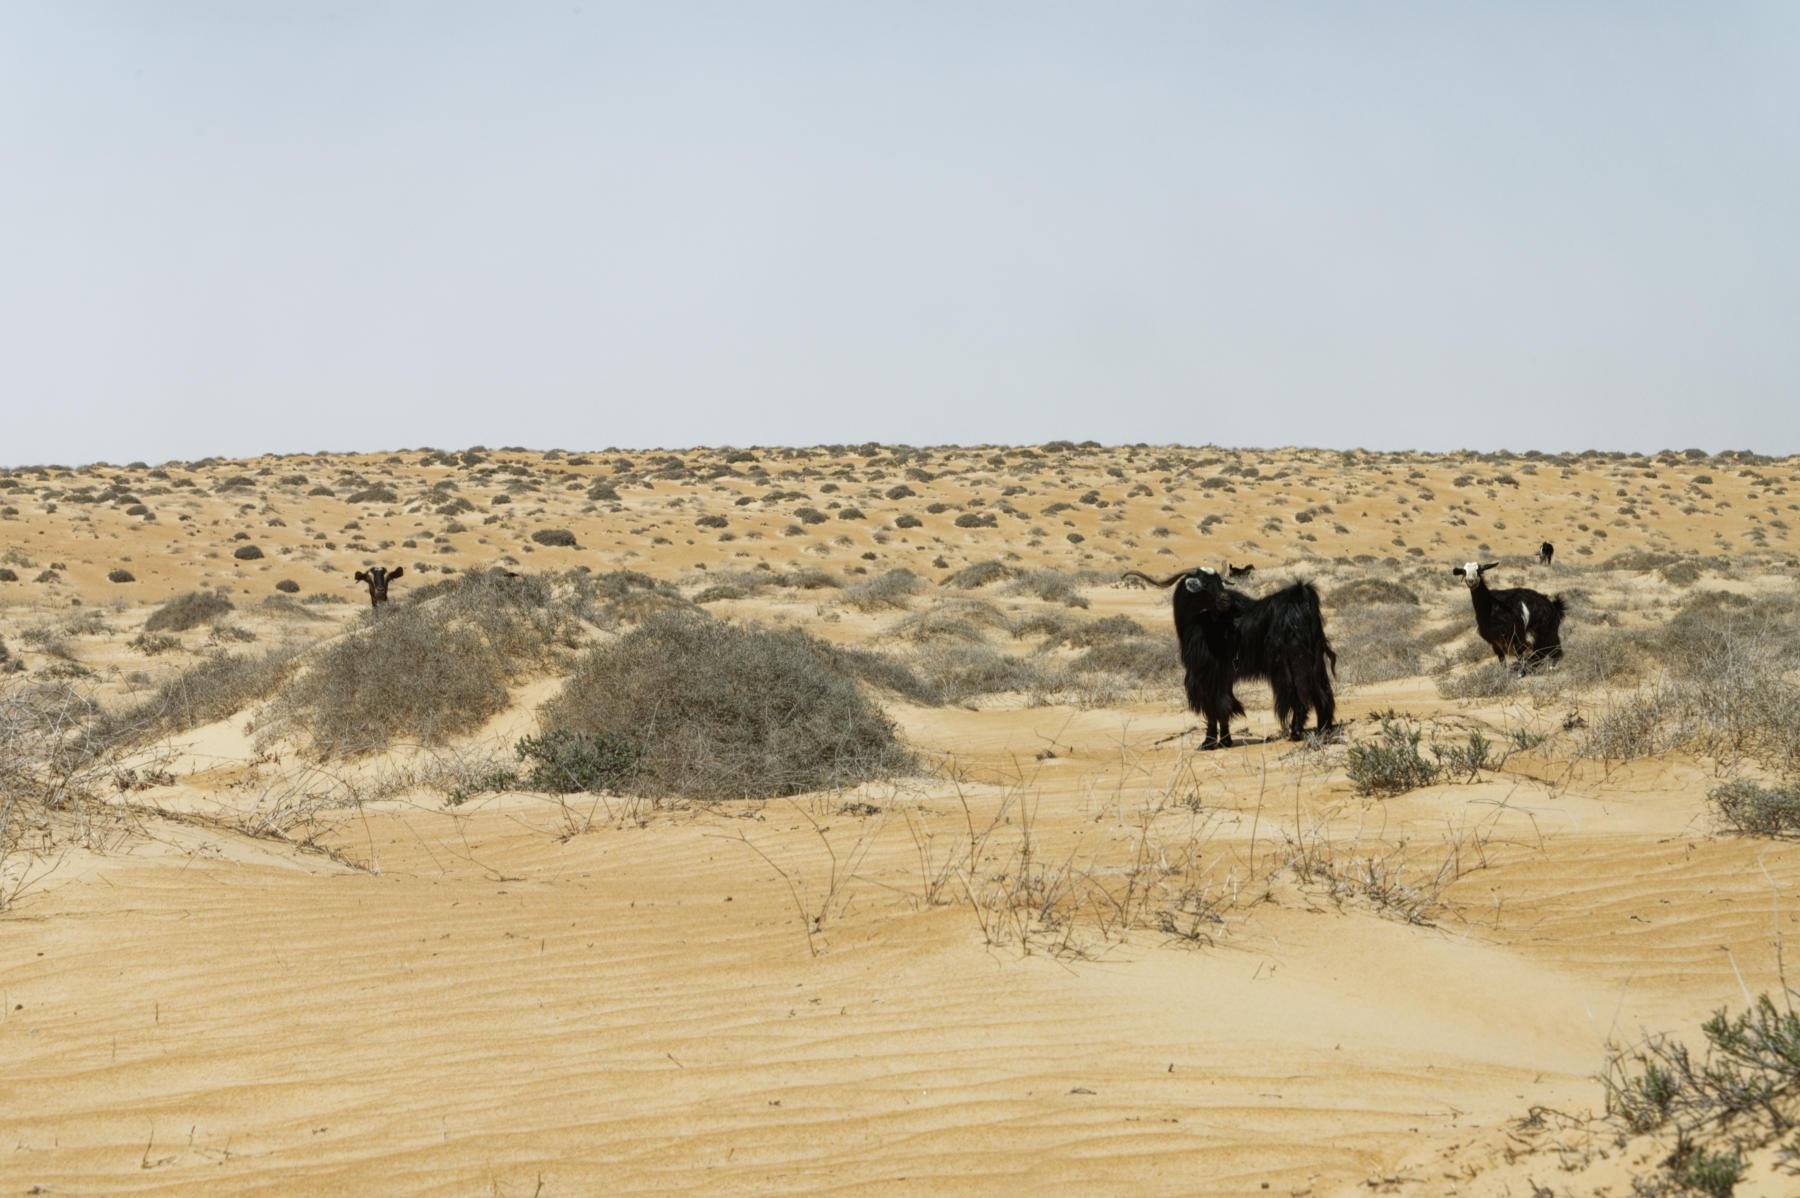 Goats in the desert, Oman